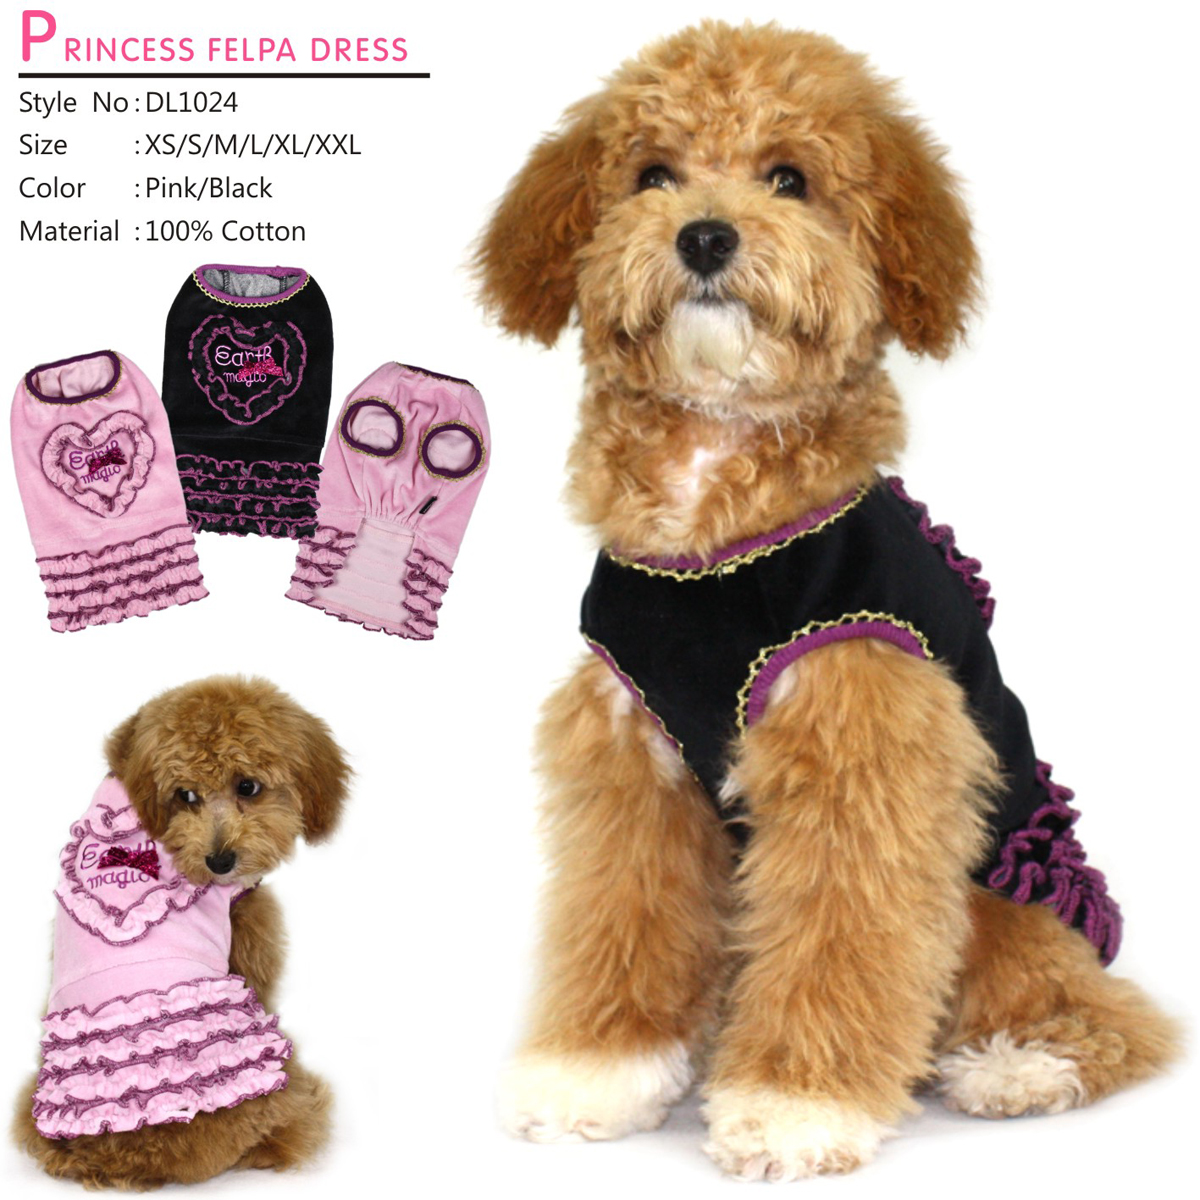 Платье для собак Dobaz, цвет: розовый. ДЛ1024АХЛ. Размер XLДЛ1024АХЛКрасивое трикотажное платье Dobaz выполнено из 100% хлопка. Модель дополнена рюшами и бантиком на спинке. В таком платье ваша собачка будет самой красивой на прогулке. Обхват шеи: 34 см.Обхват груди: 54 см.Длина спинки: 36 см.Одежда для собак: нужна ли она и как её выбрать. Статья OZON Гид